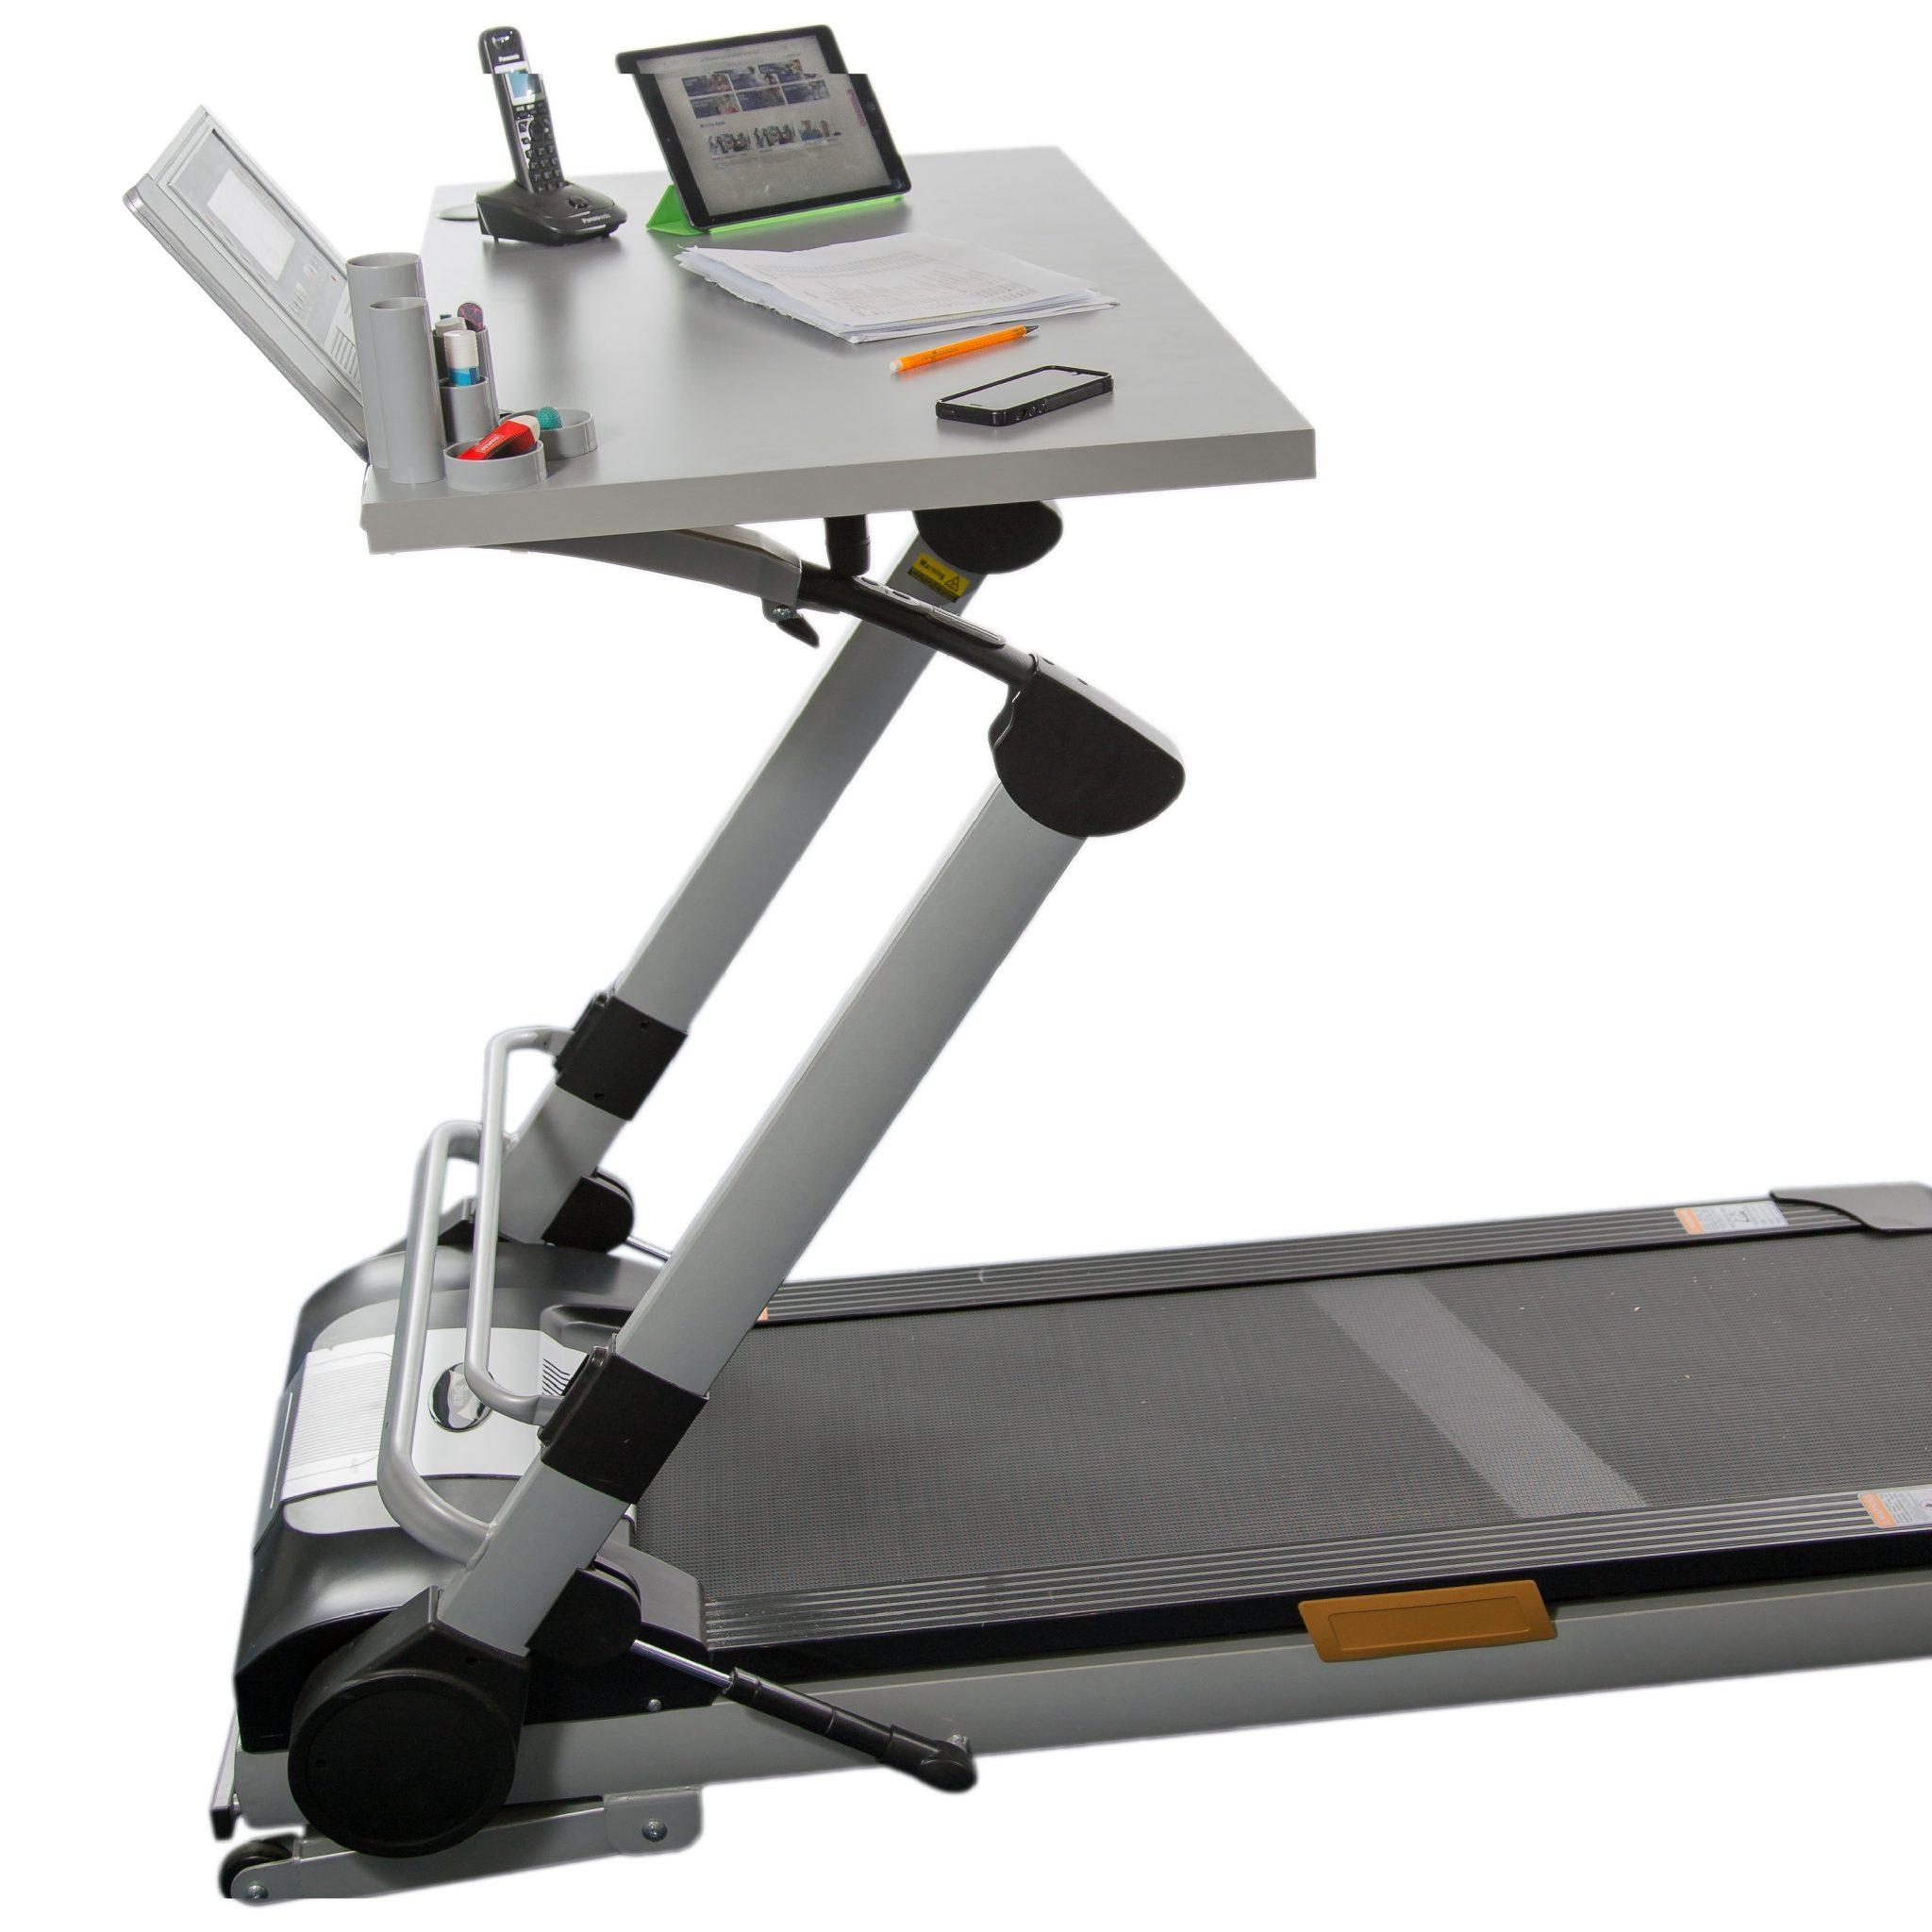 Treadmill Desk Cheap: Hire Treadmill Desk